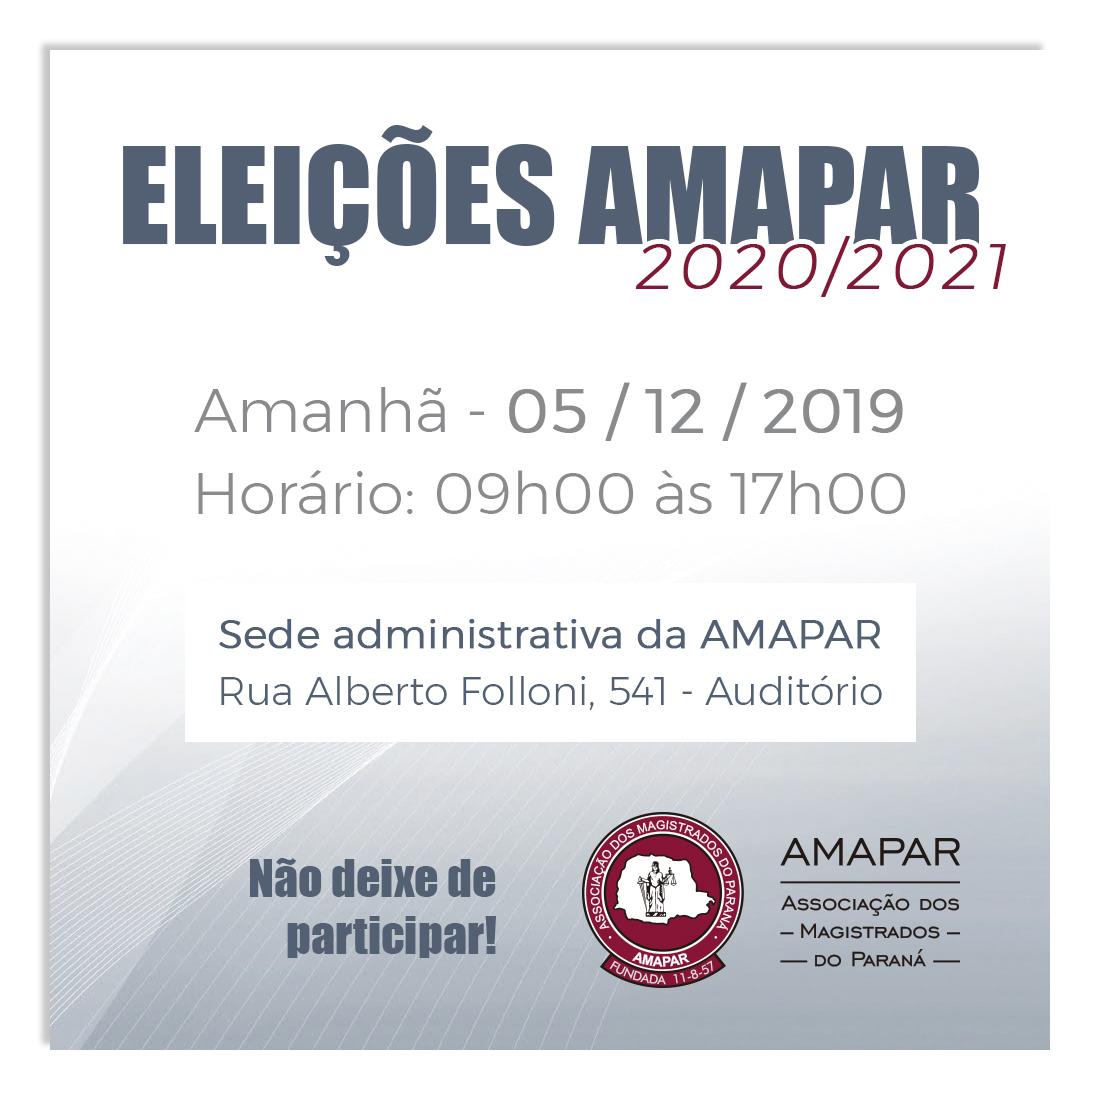 Eleições da AMAPAR 2020 - 2021